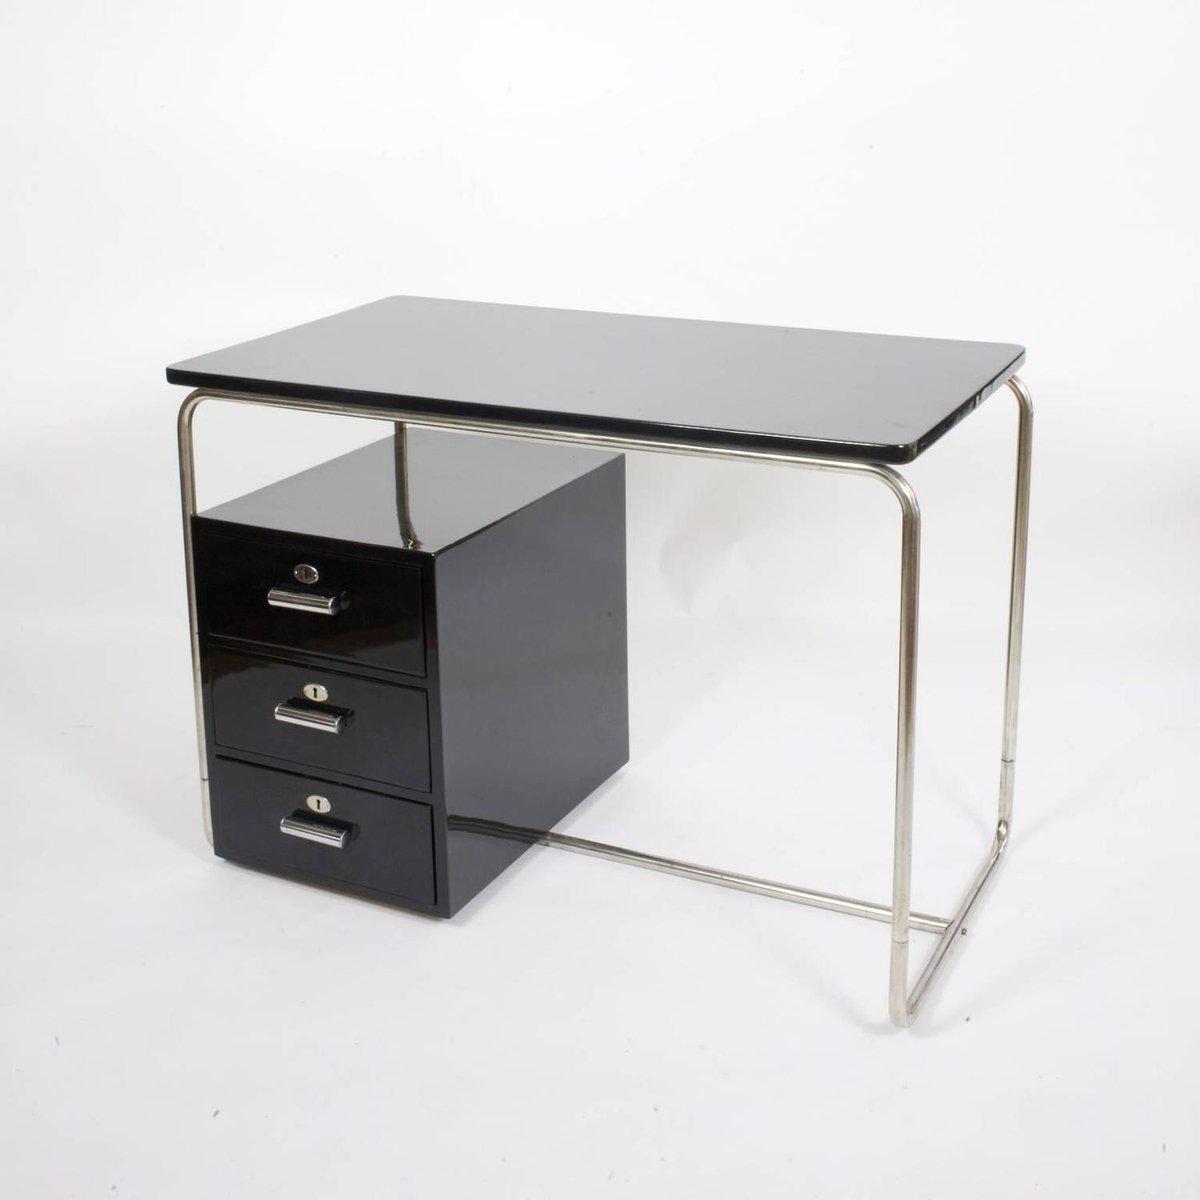 Schreibtisch vintage schwarz  Vintage Bauhaus Black Lacquered Desk Schwarz, 1930s for sale at Pamono